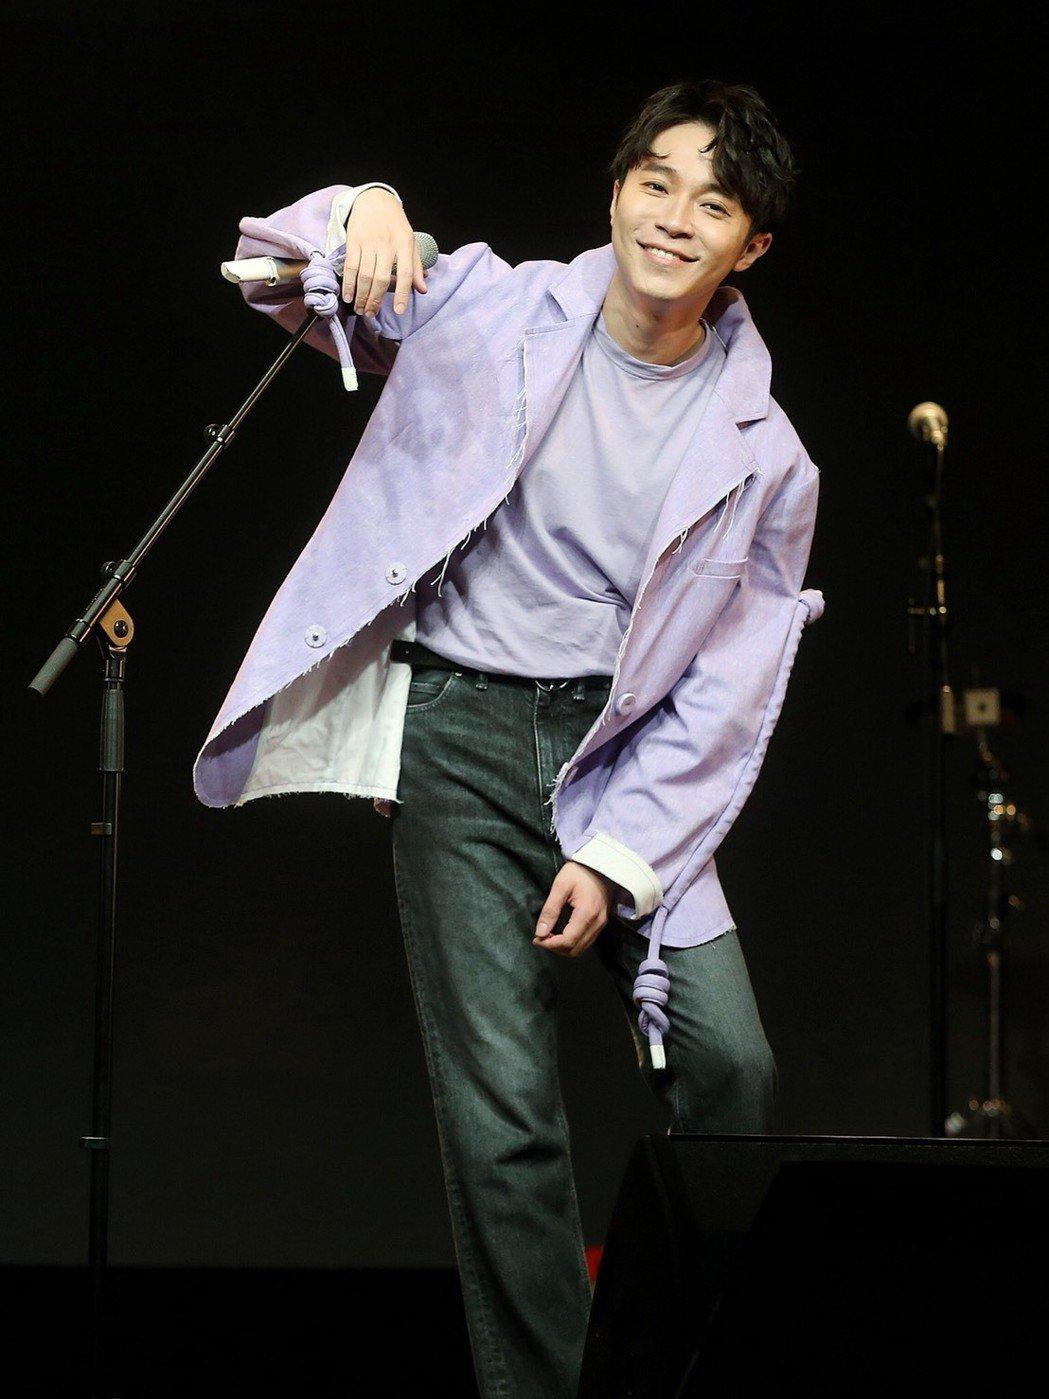 吳青峰本周六將在墾丁春浪音樂節壓軸演出。記者楊萬雲/攝影